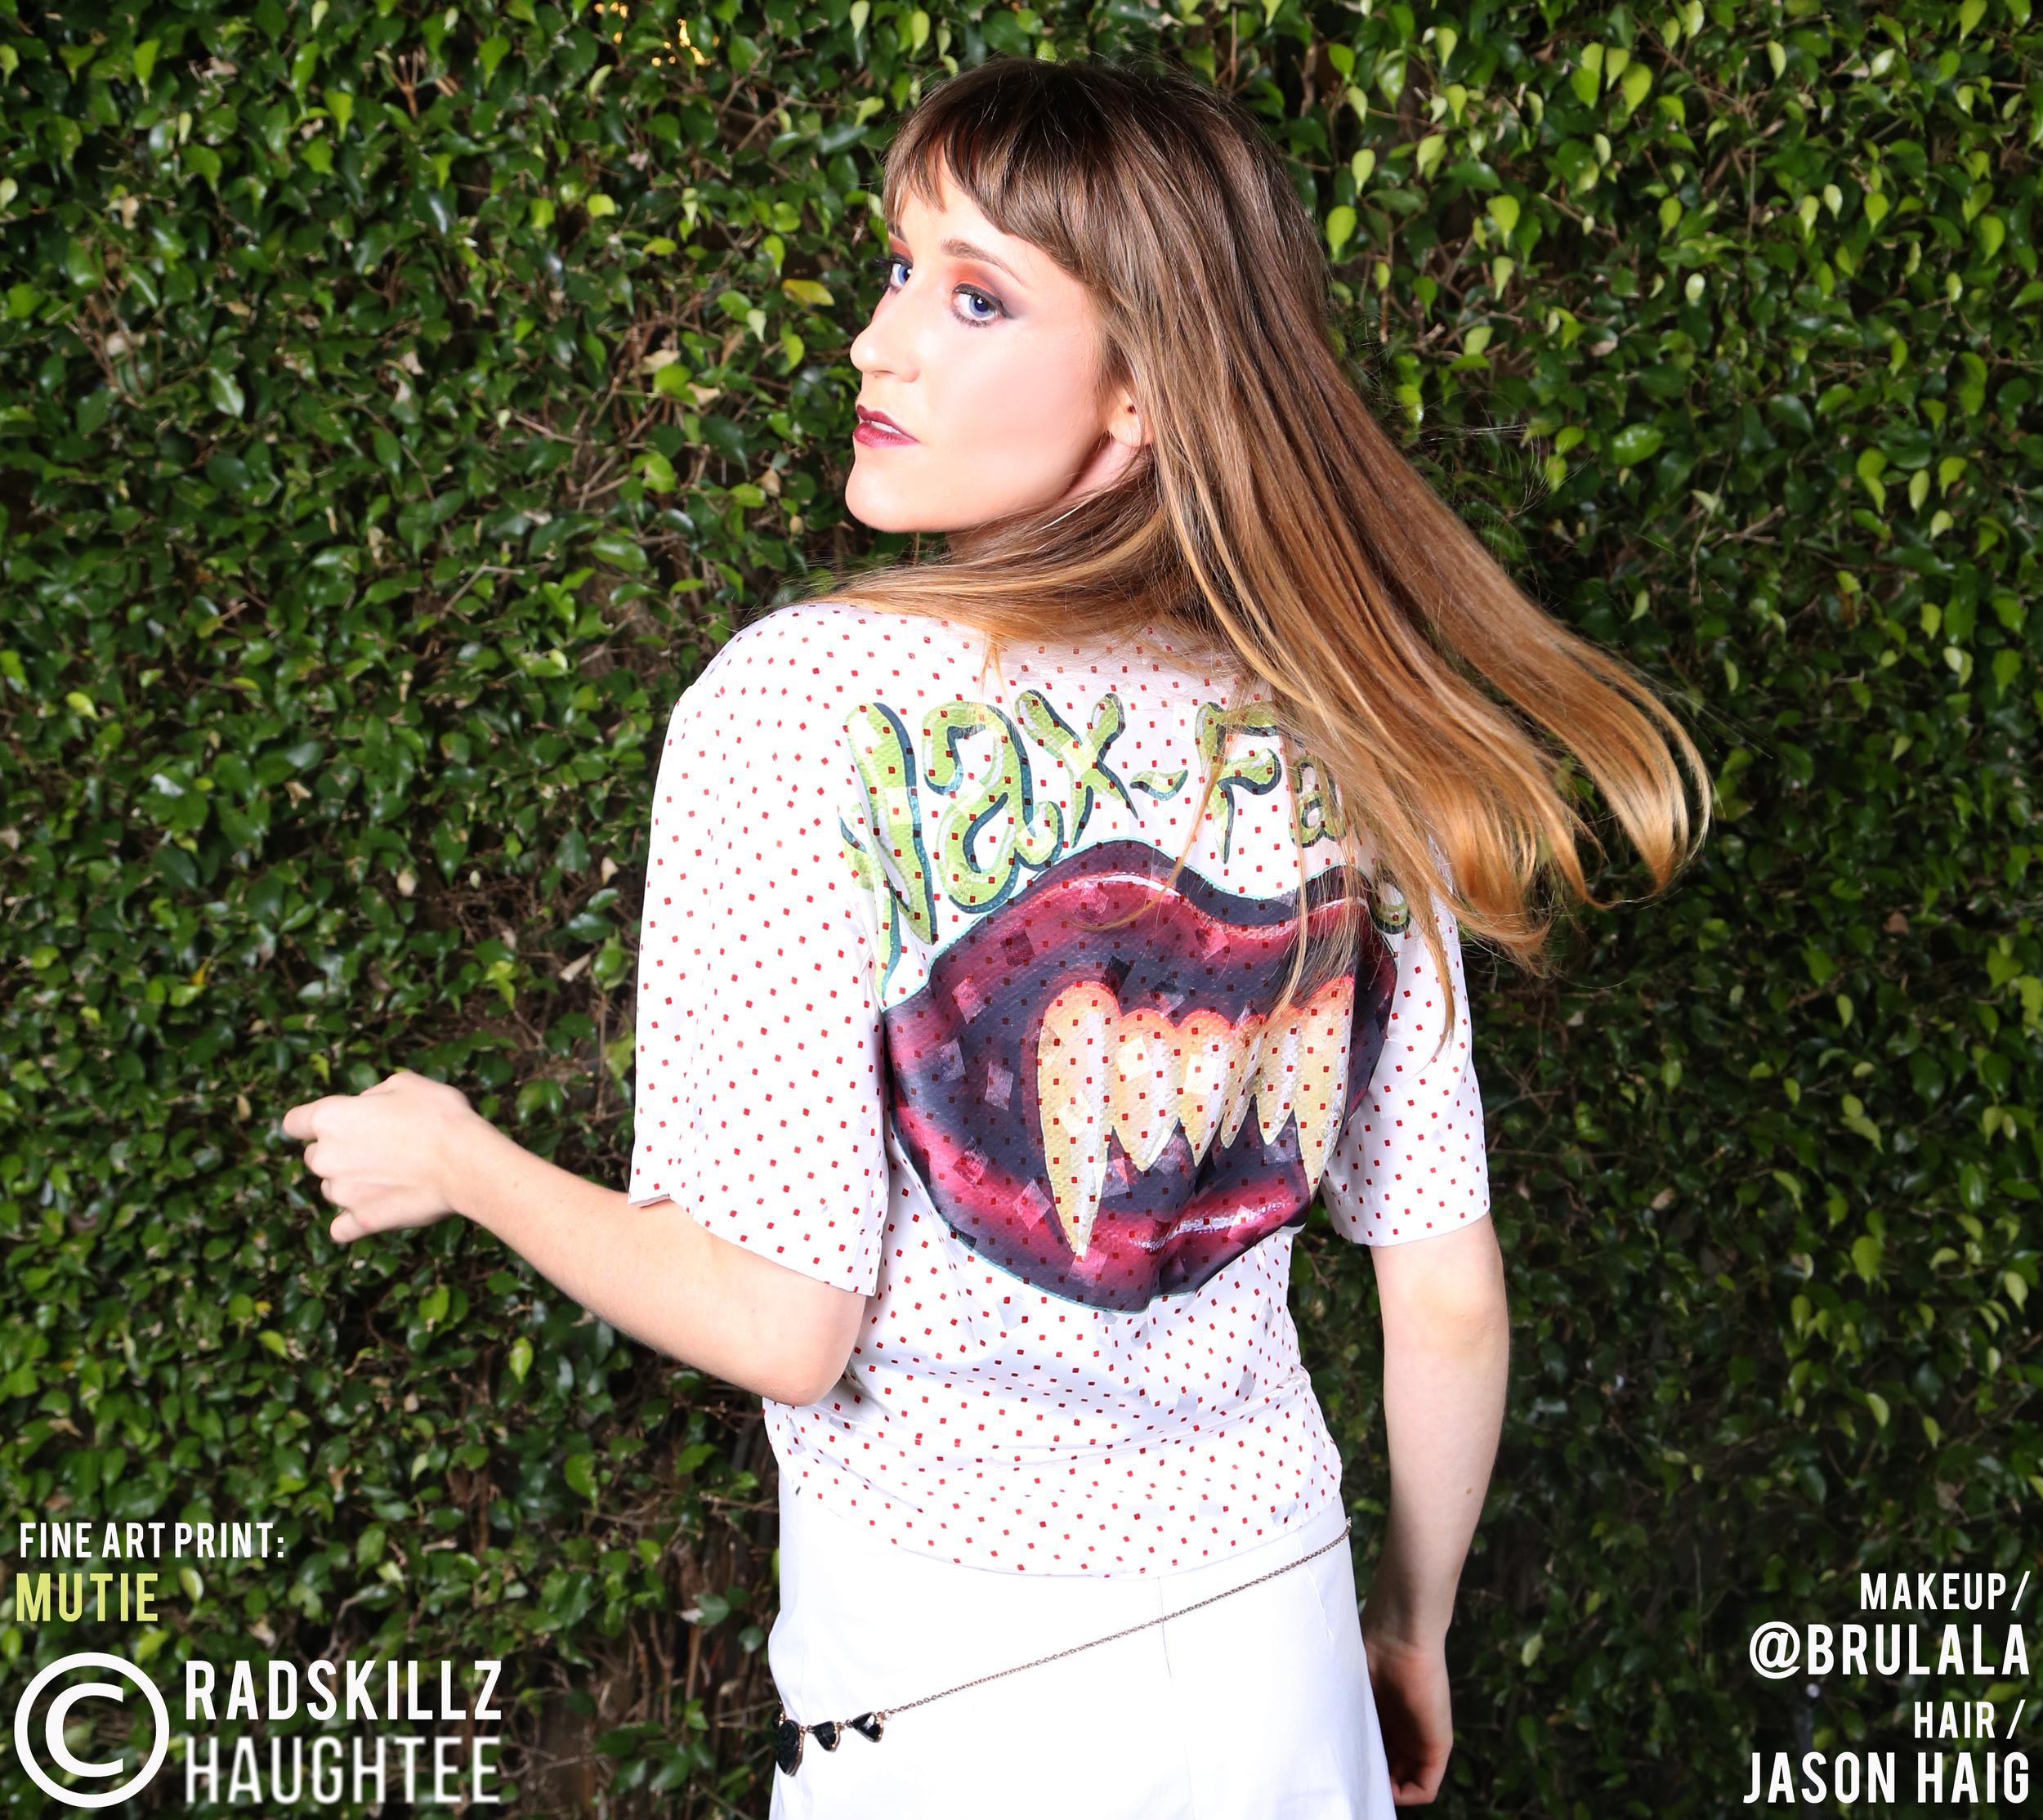 MUTIE wax fangs blouse2.jpg